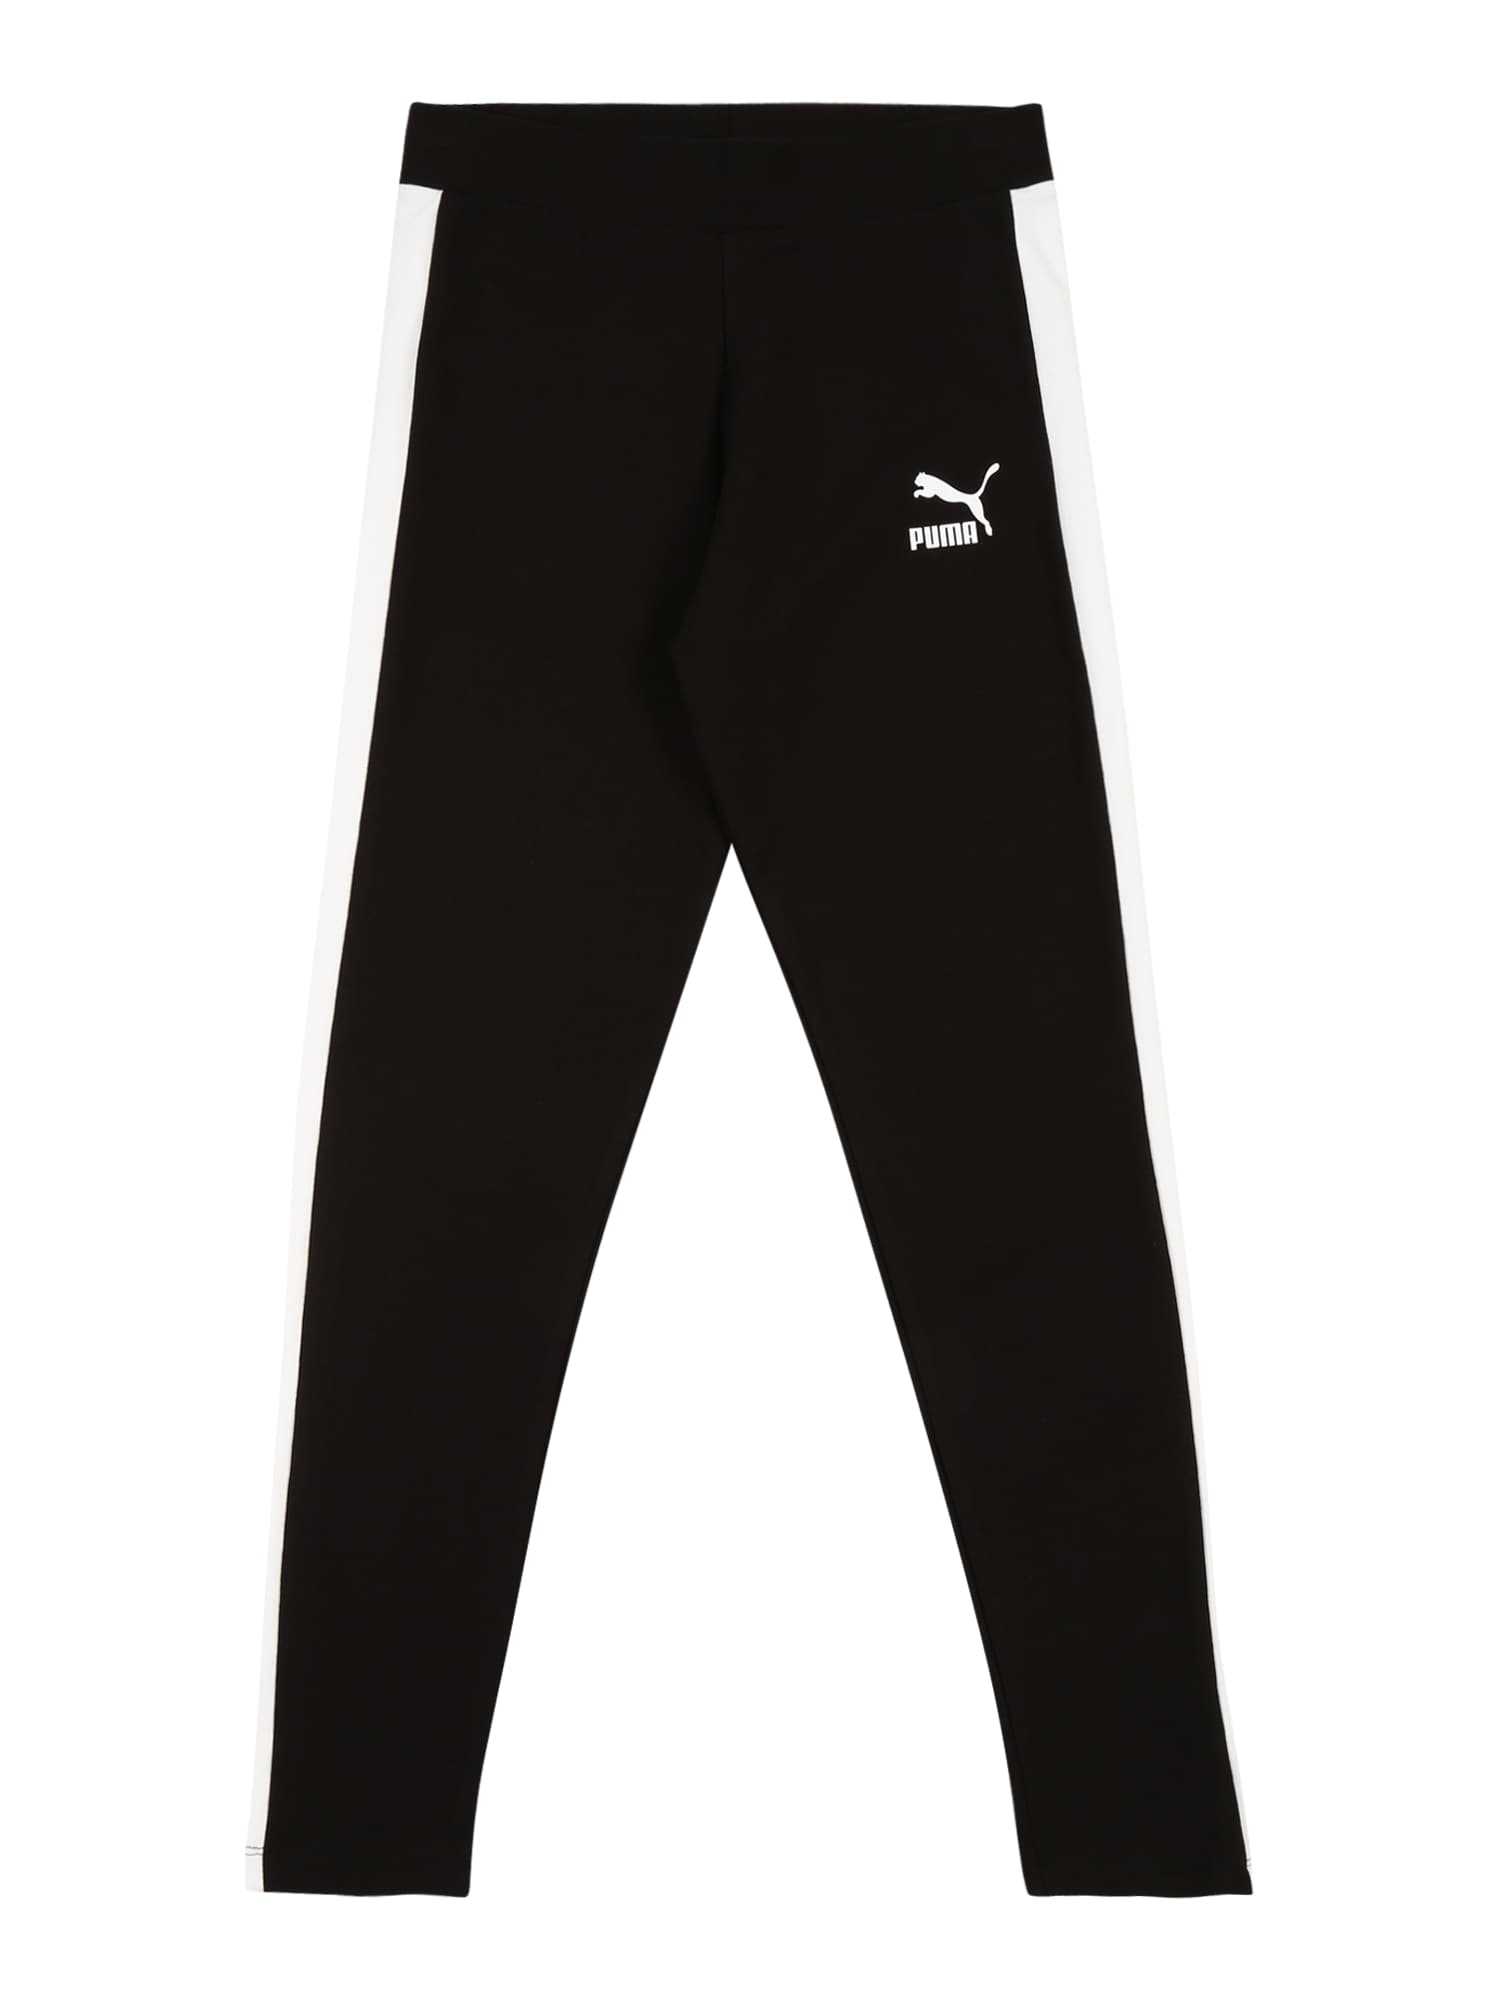 PUMA Sportinės kelnės 'Classics T7' juoda / balta